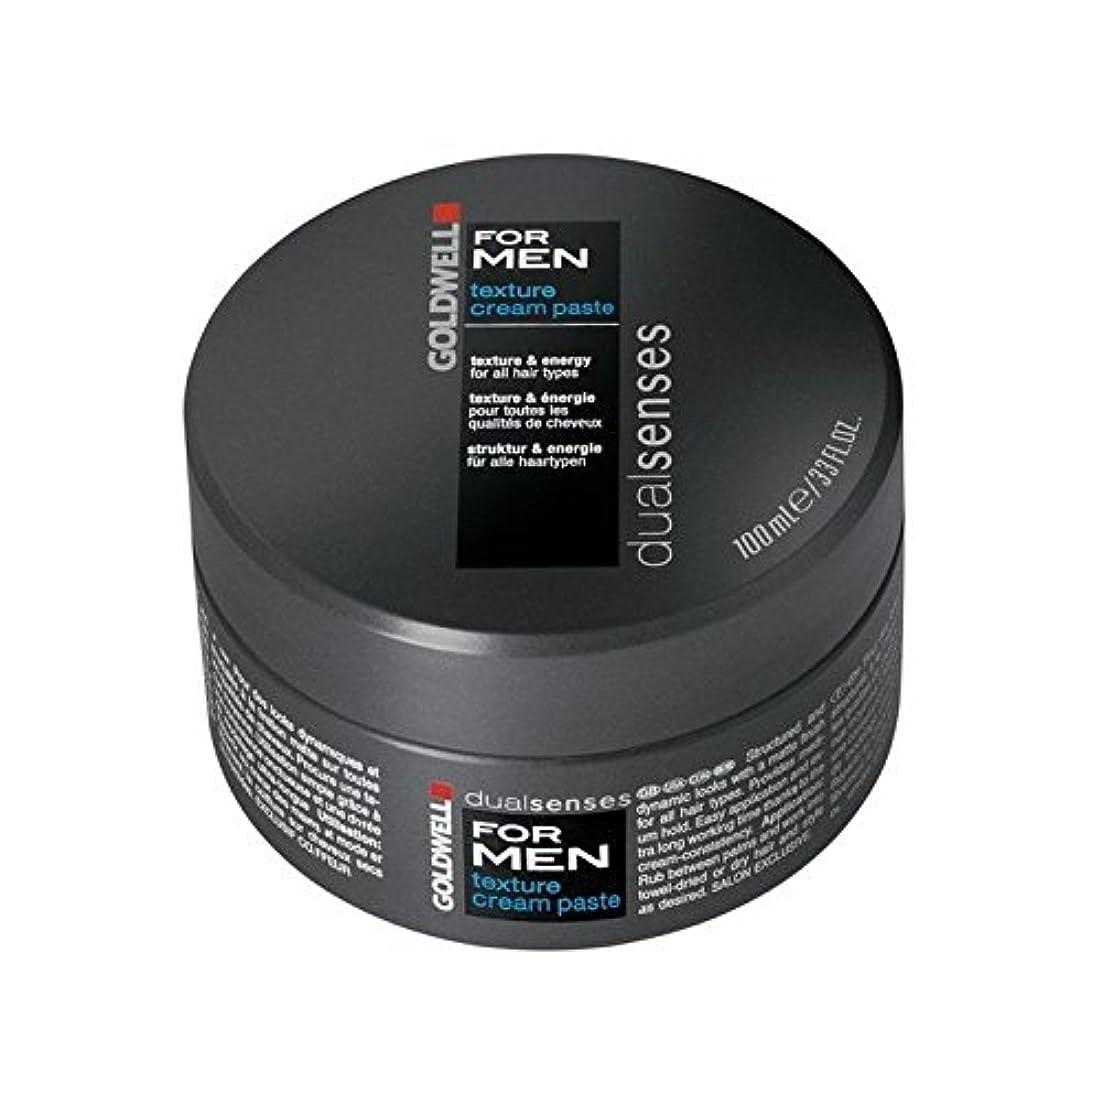 クロールアドバンテージ東部男性のテクスチャーのクリームペースト(100ミリリットル)のためのの x2 - Goldwell Dualsenses For Men Texture Cream Paste (100ml) (Pack of 2) [並行輸入品]